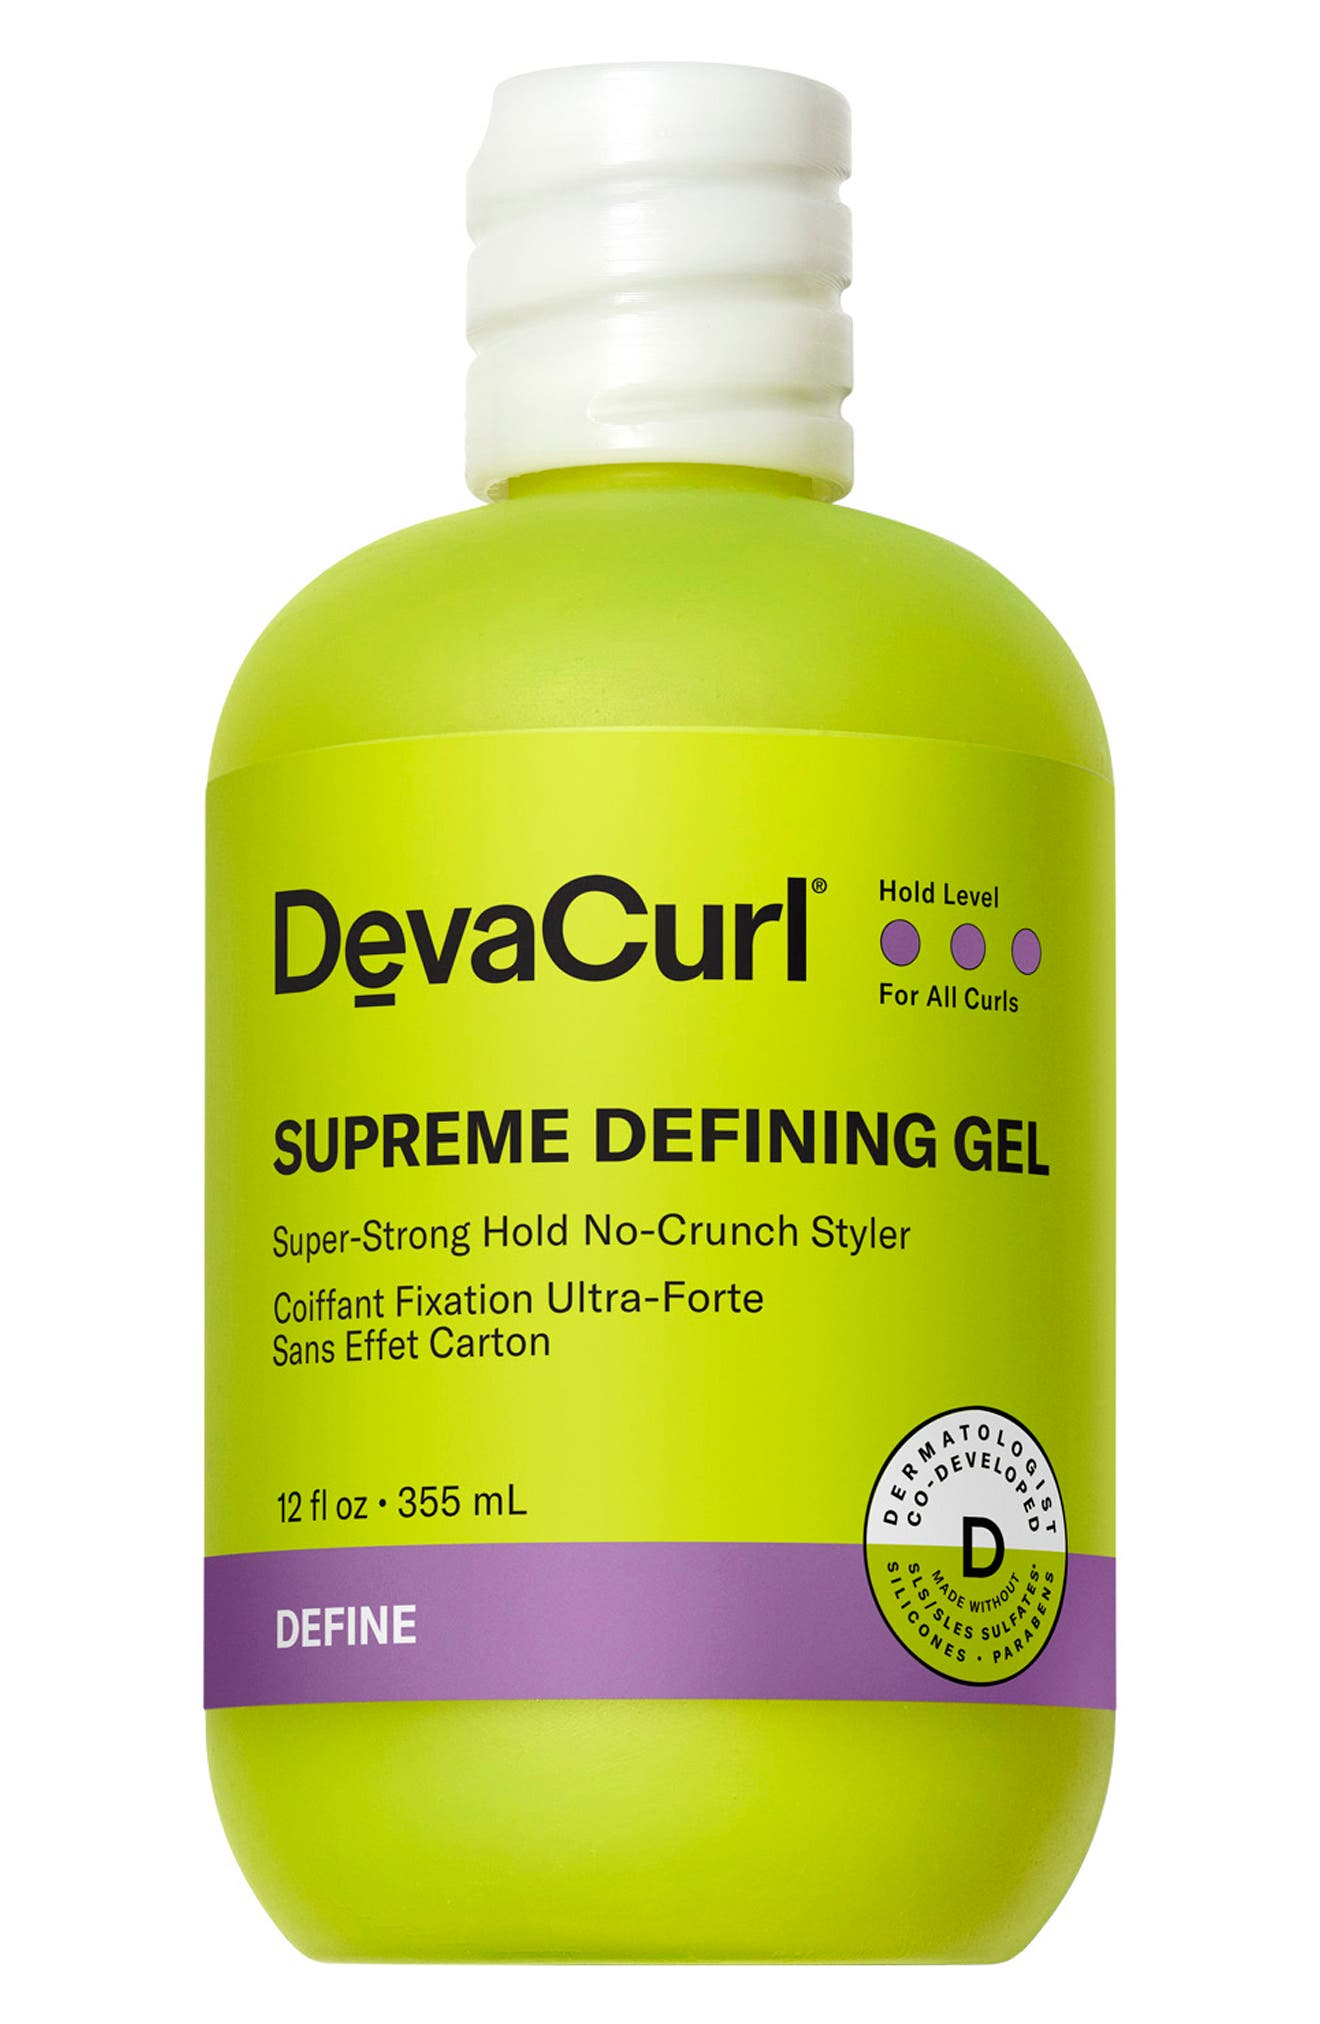 Supreme Defining Gel Super-Strong Hold No-Crunch Styler